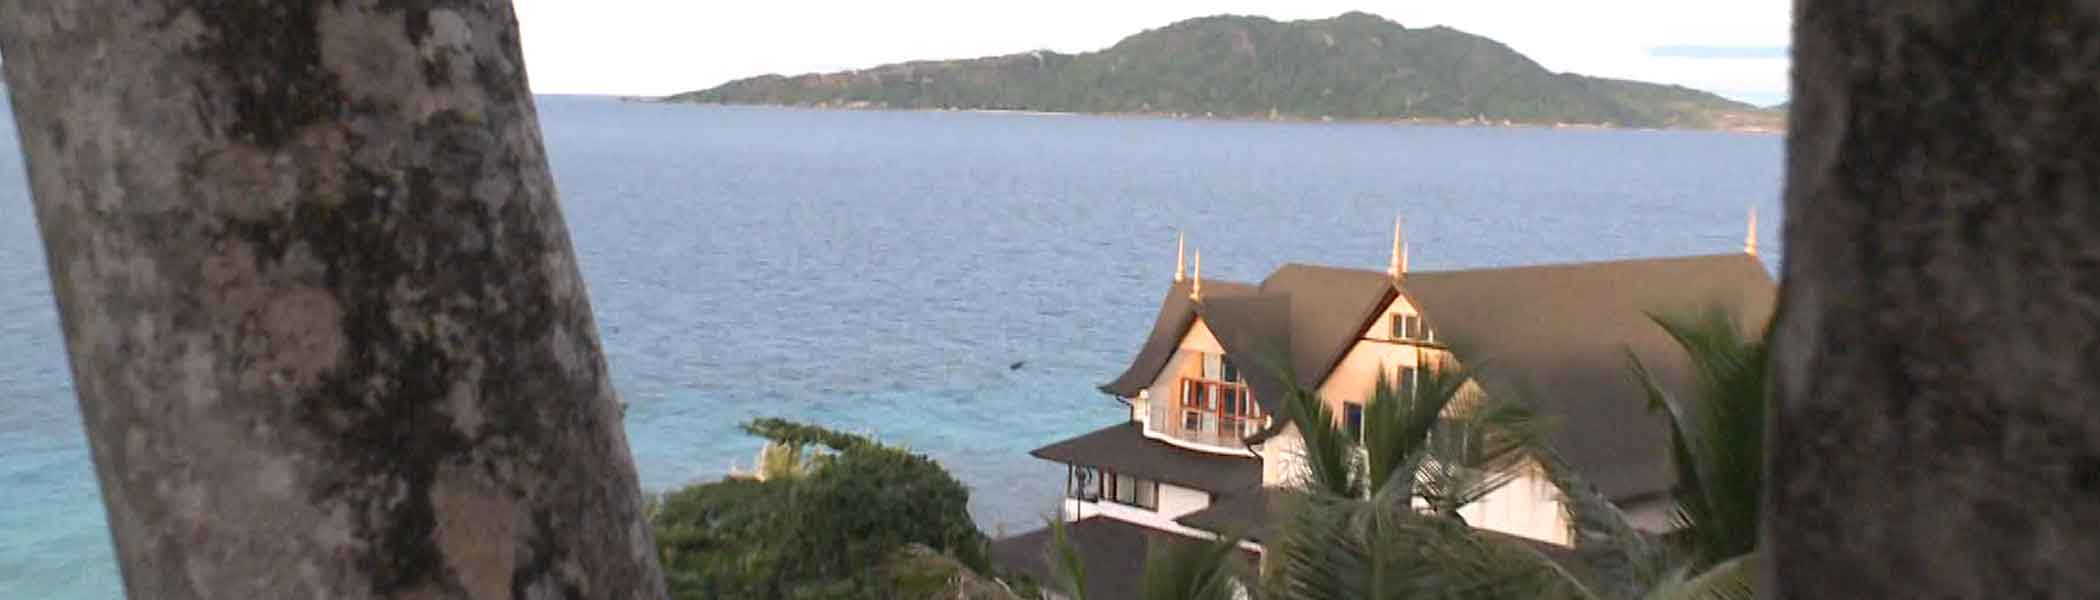 patatran-village, Hotels in Seychelles Islands